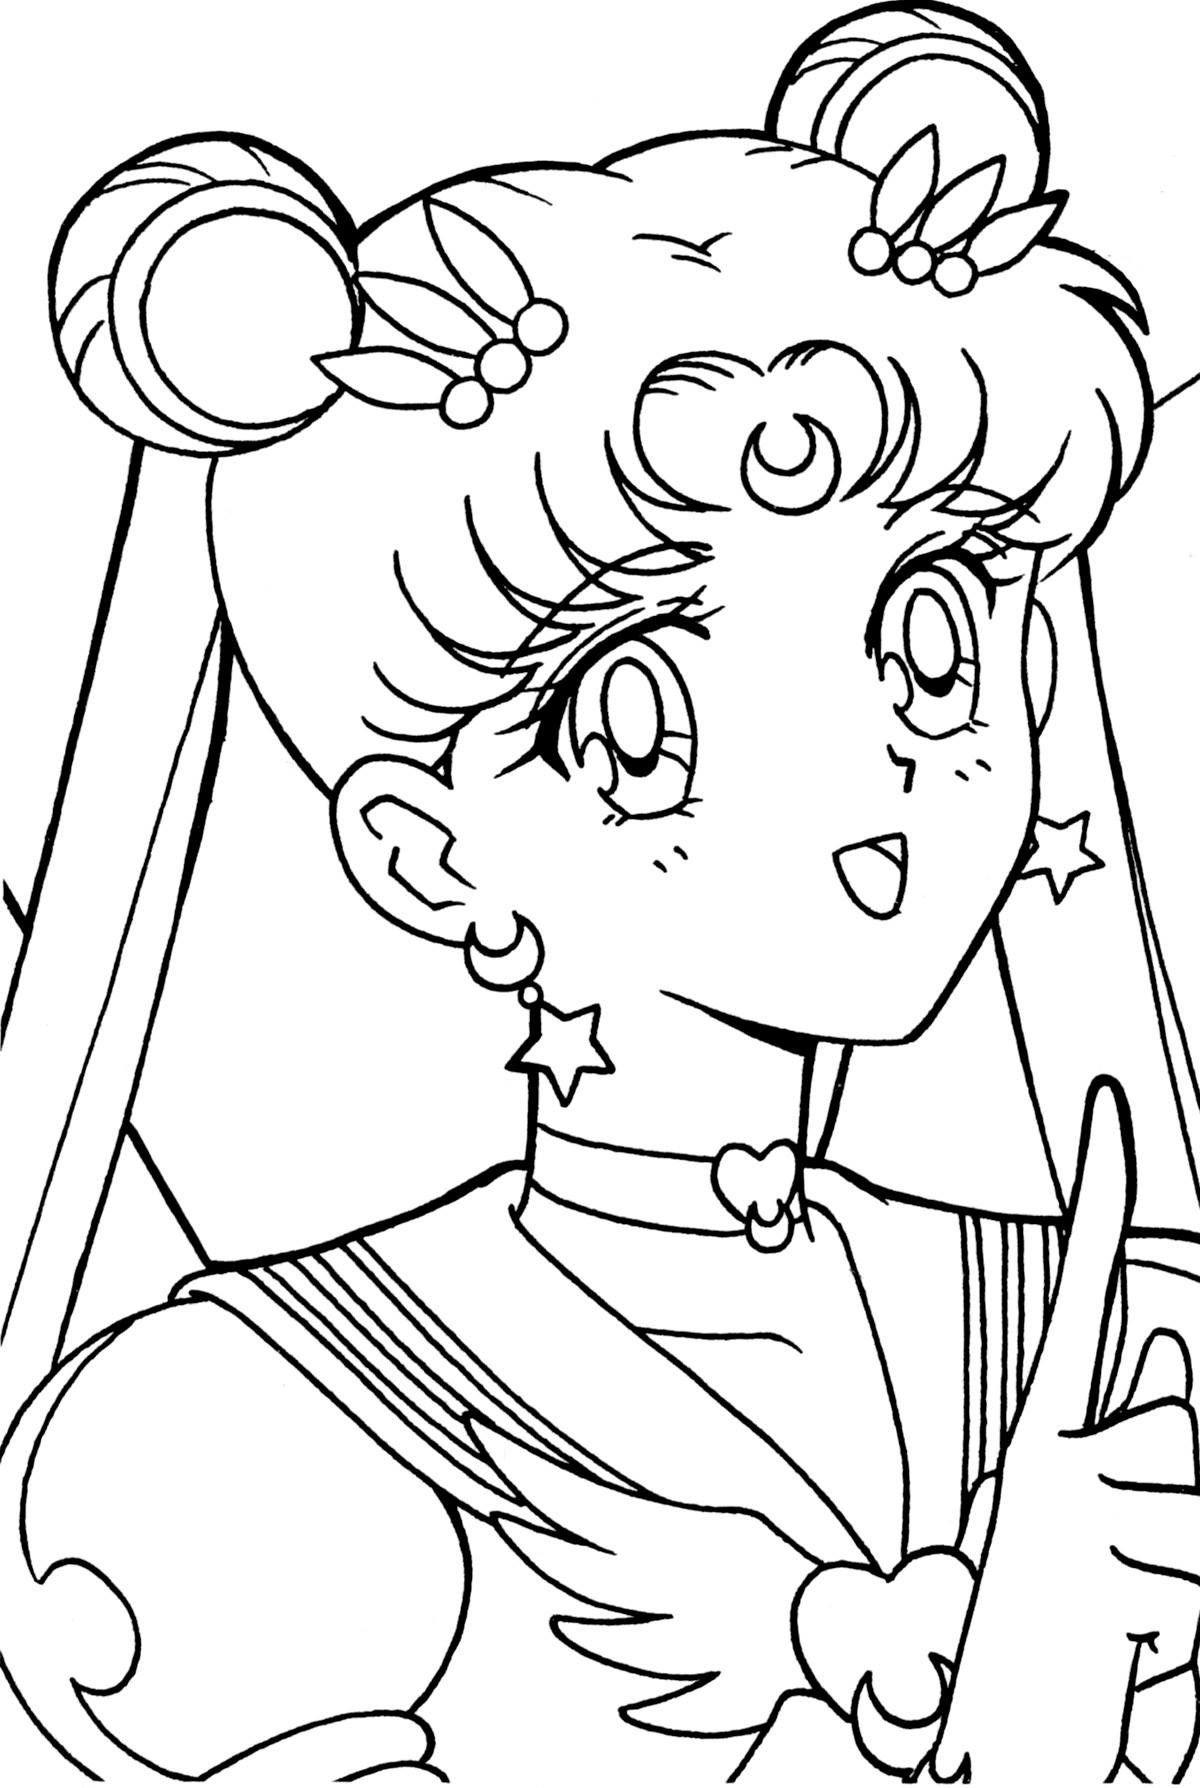 Sailor Moon Coloring Book Xeelha En 2020 Dibujos De Sailor Moon Sailor Moon Nerd